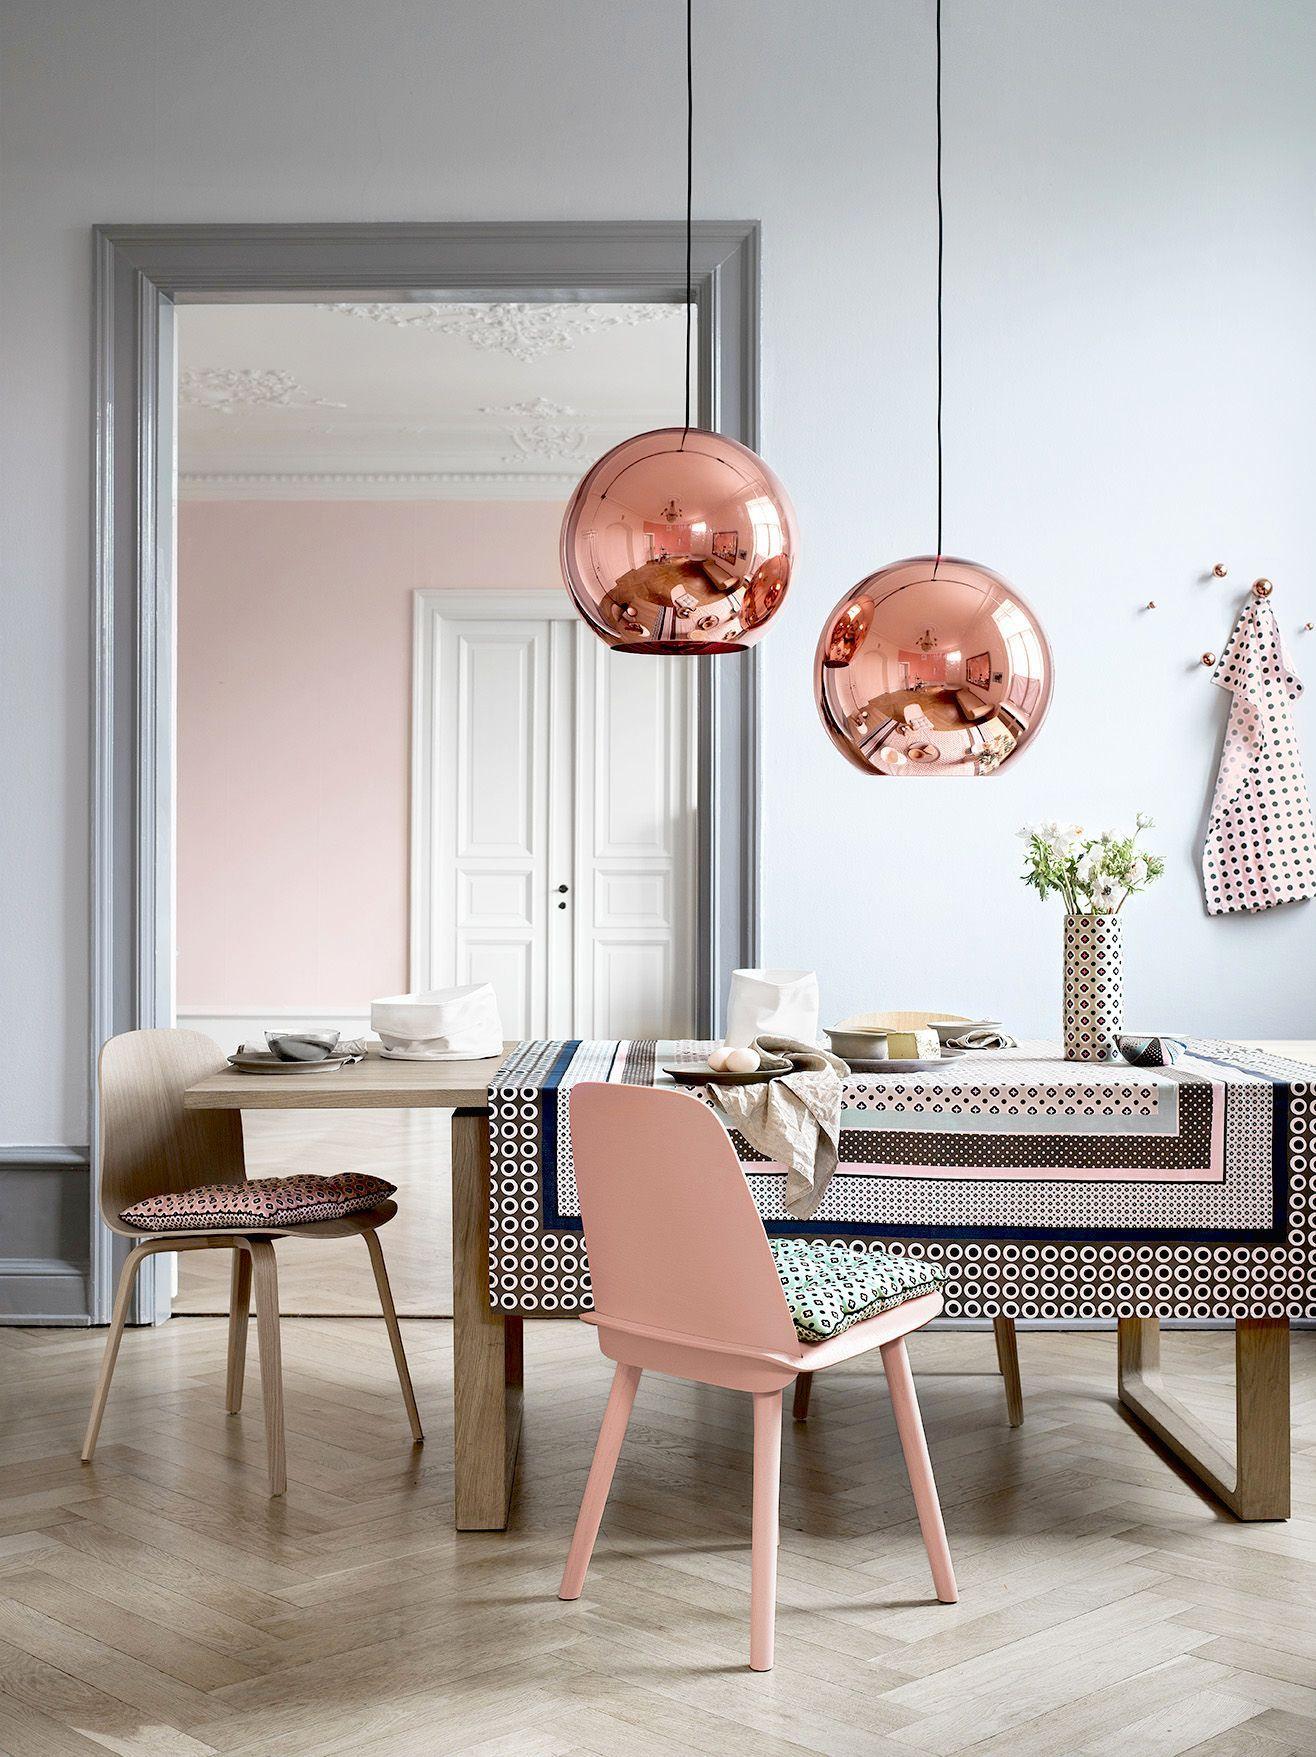 Muốn nhà đẹp lung linh thì bạn chỉ cần mua ngay món đồ trang trí vừa đẹp vừa hữu dụng này - Ảnh 6.